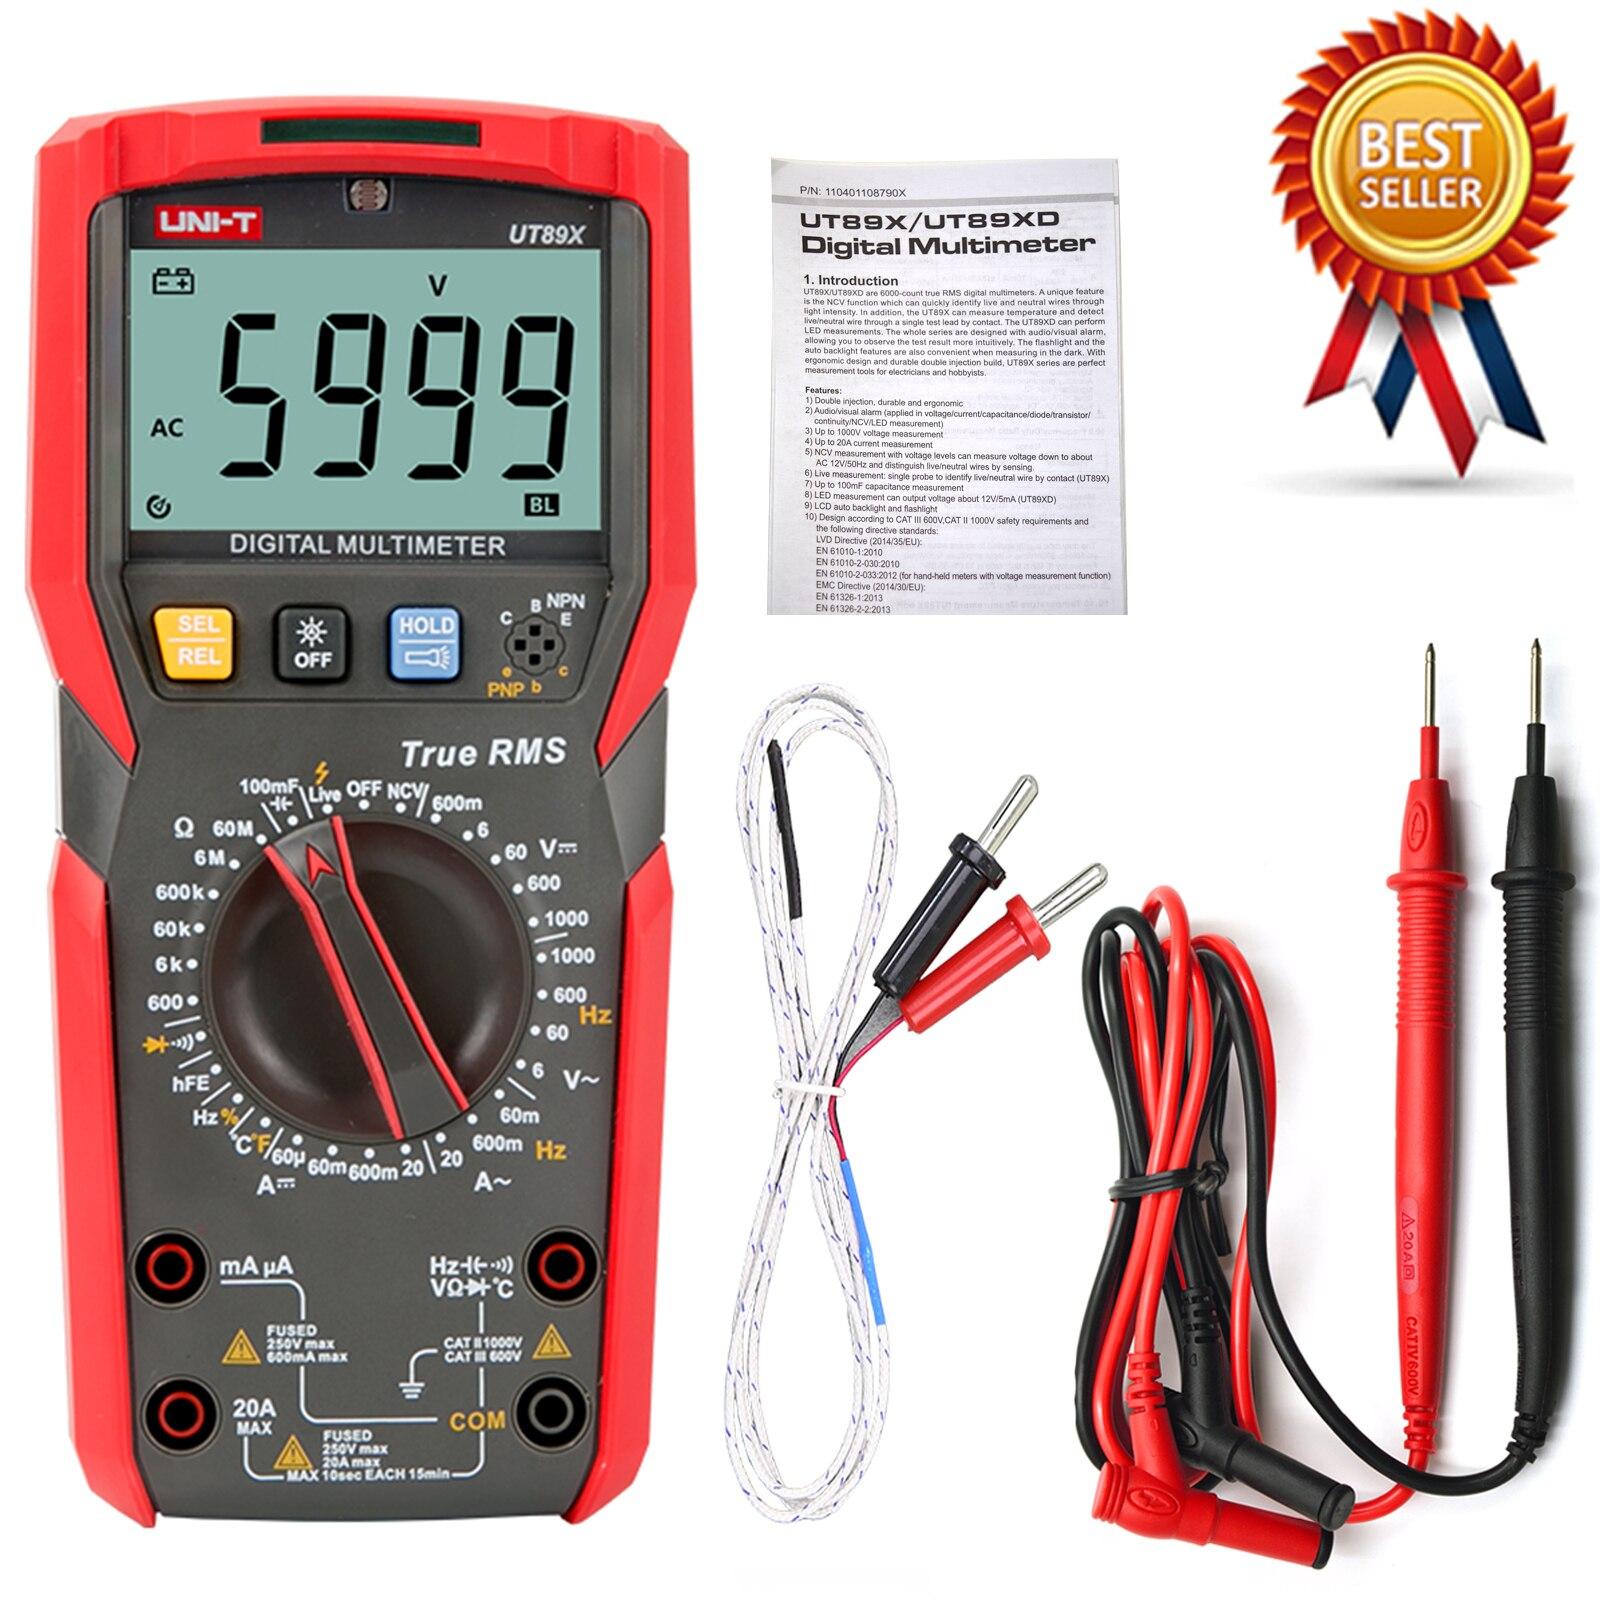 Цифровой мультиметр Φ UT89X/UT89XD True RMS, True UNI-T Вольтметр постоянного/переменного тока, амперметр, светодиодный в, 20 А, светодиодное Измерение час...